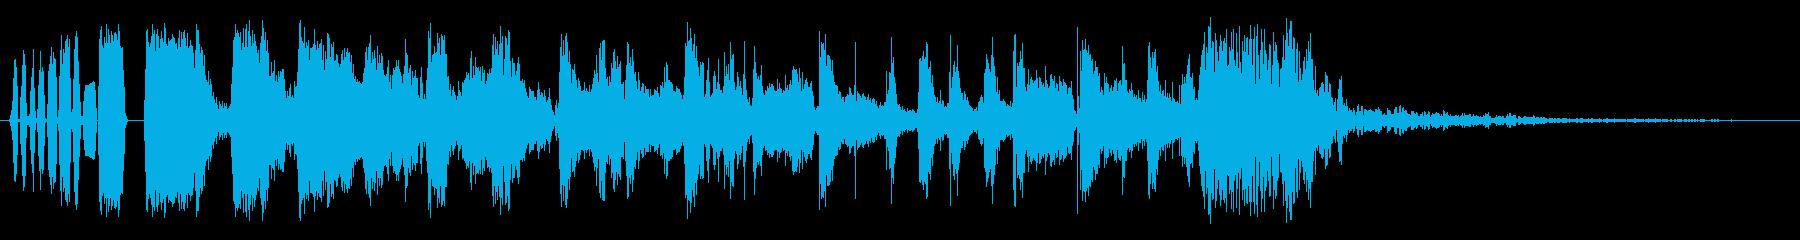 スイーパー3の再生済みの波形